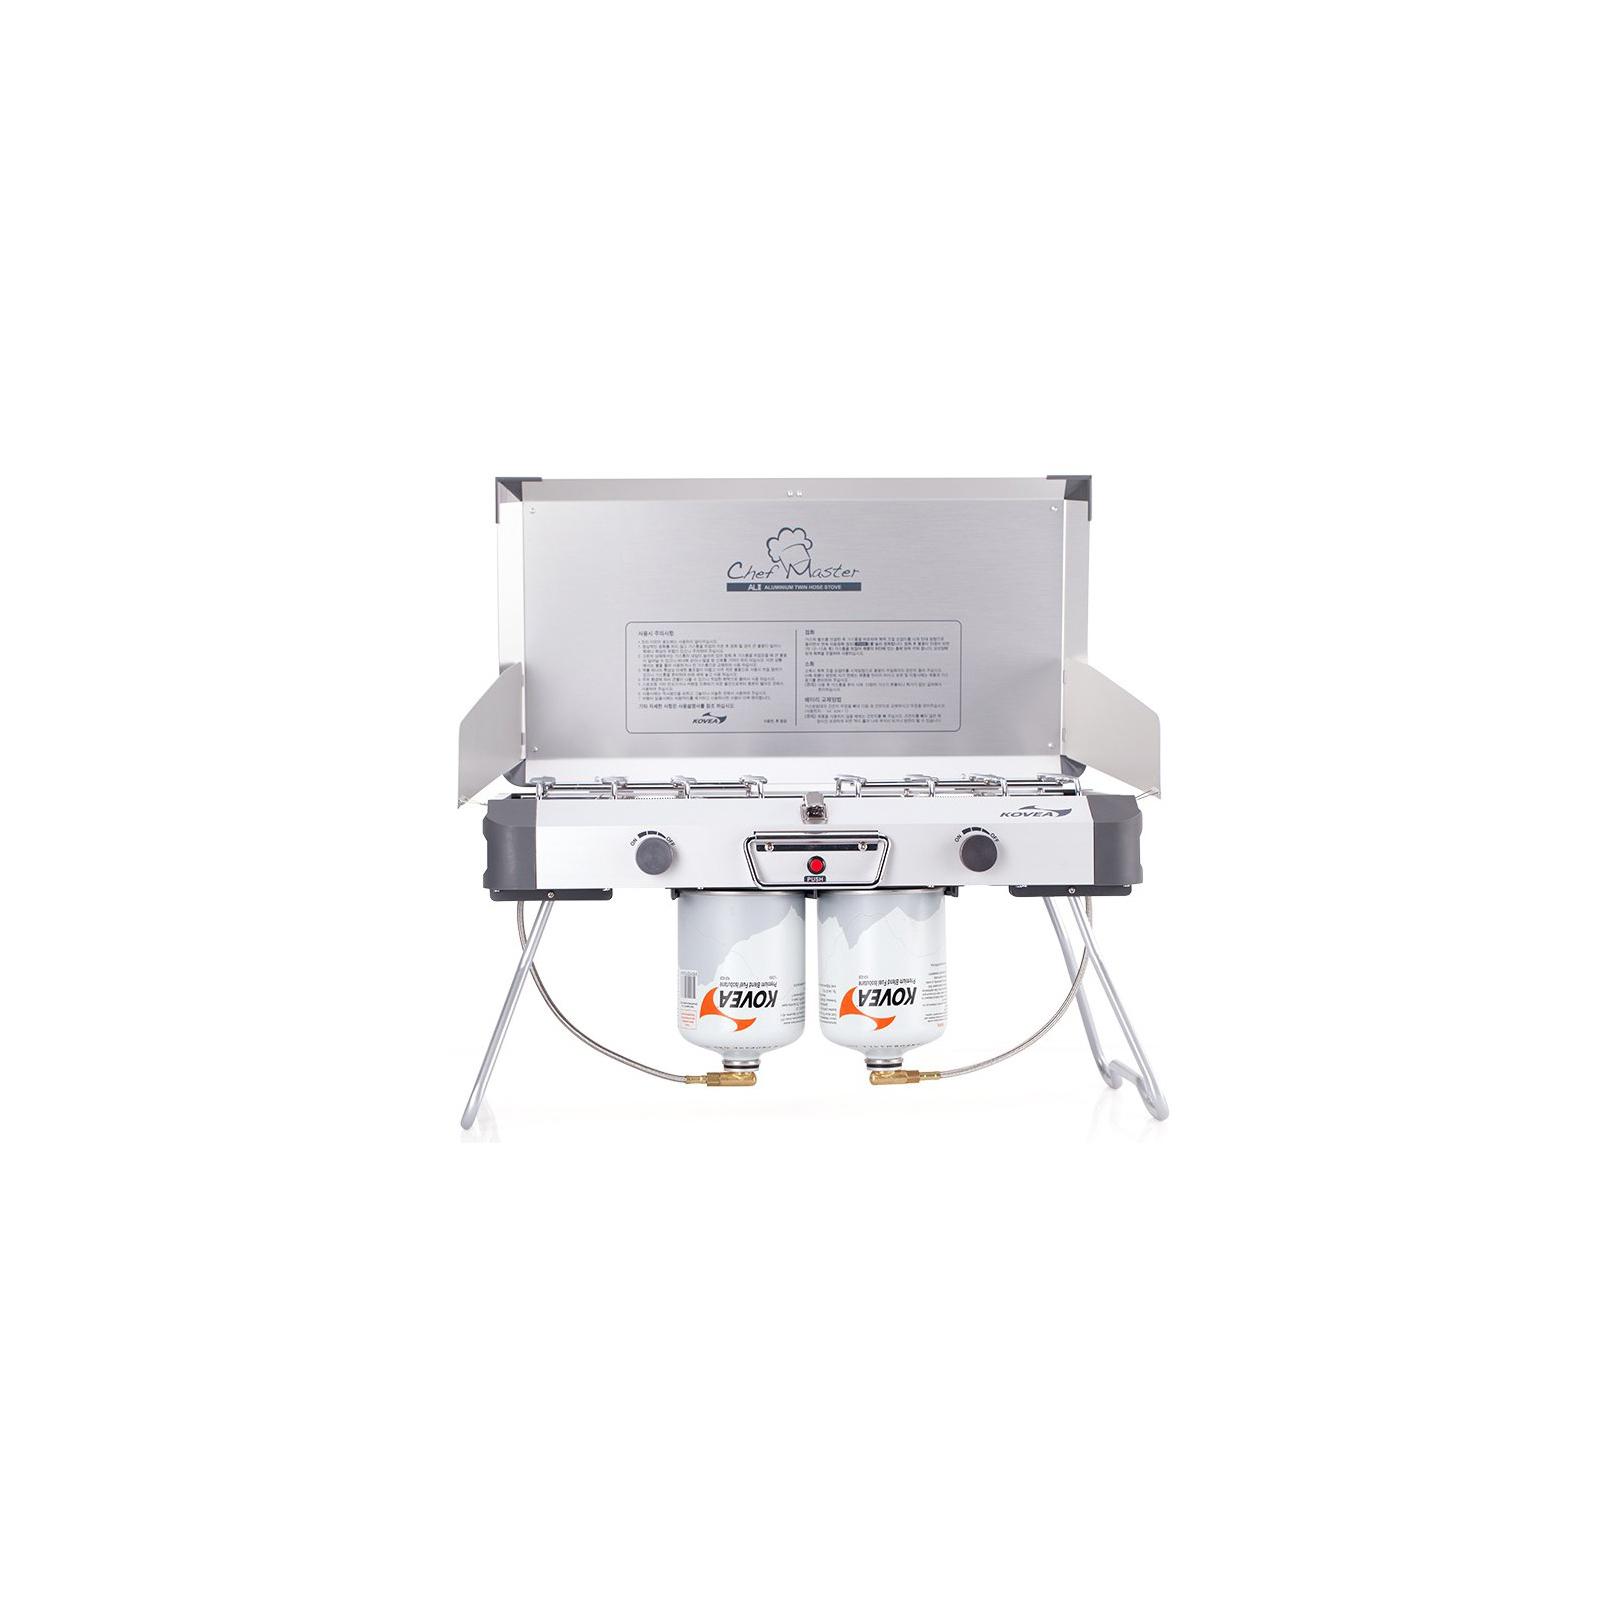 Газовая плитка Kovea Grace Twin Stove (AL II Chef Master) KB-0812 (8806372095437) изображение 4